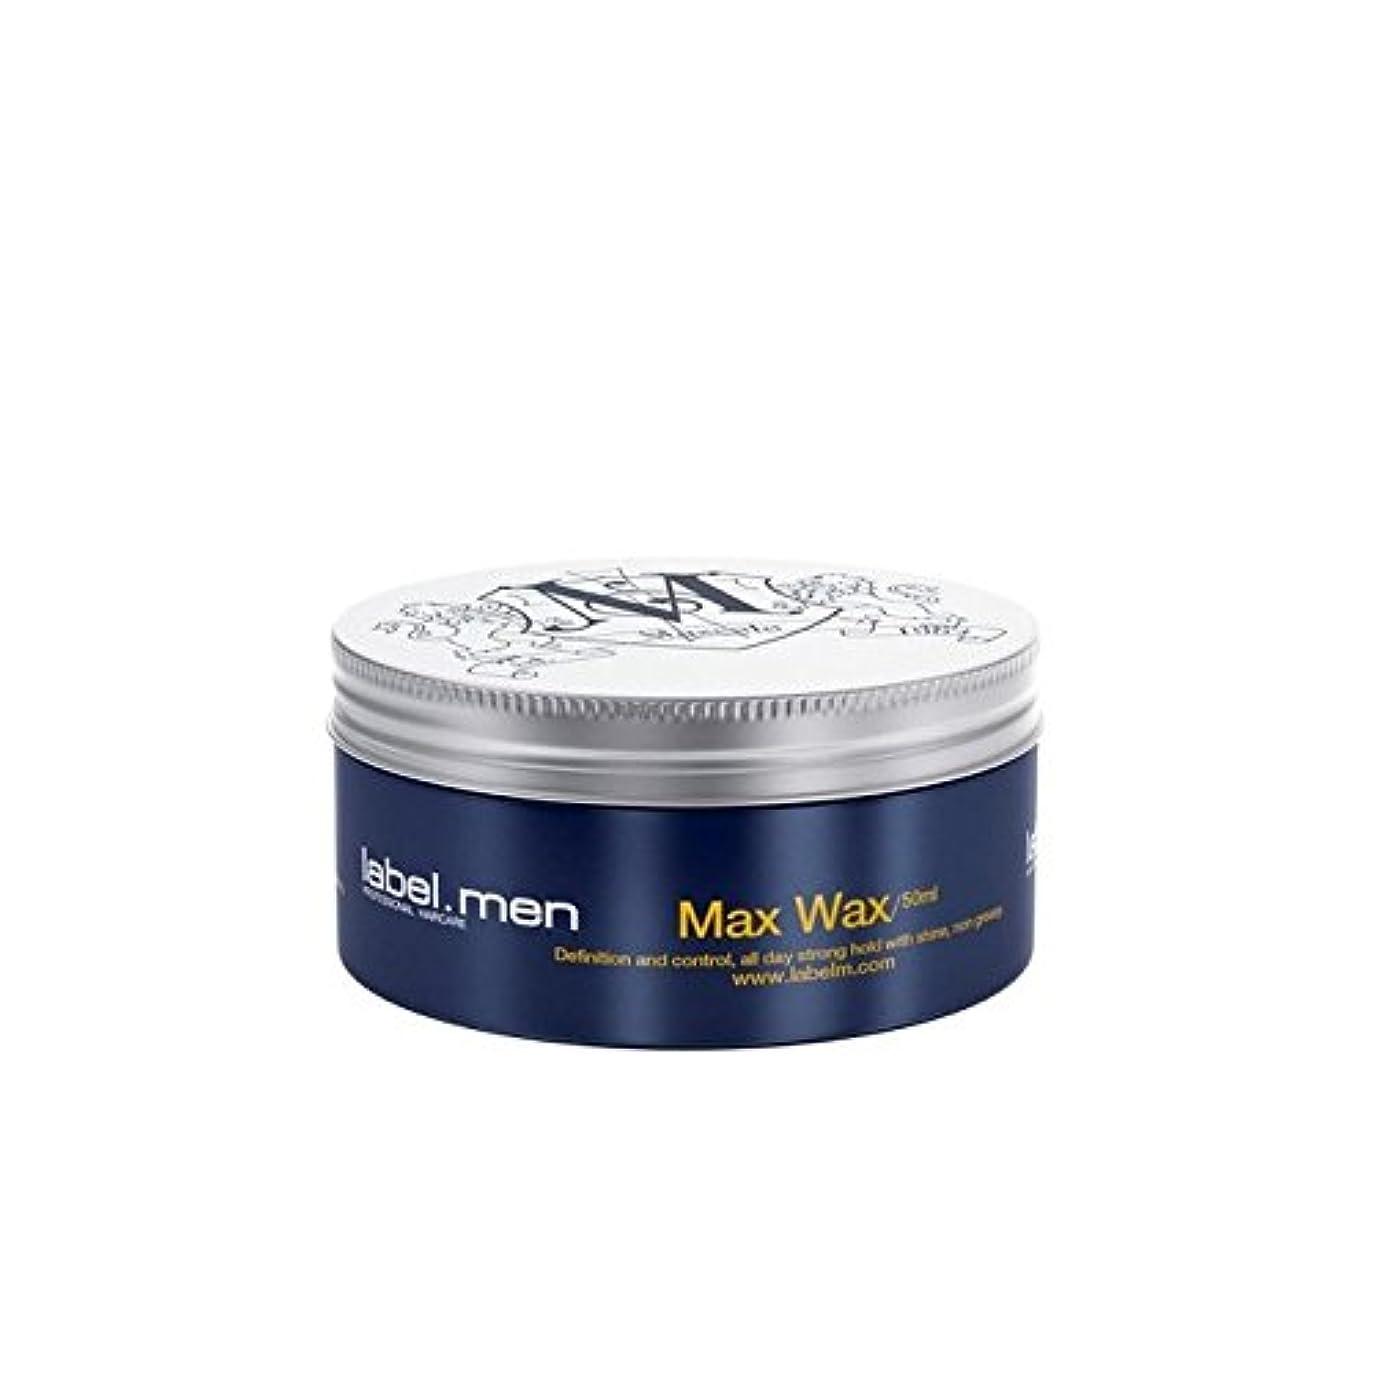 バブル測るうまくやる().マックスワックス(50ミリリットル) x2 - Label.Men Max Wax (50ml) (Pack of 2) [並行輸入品]